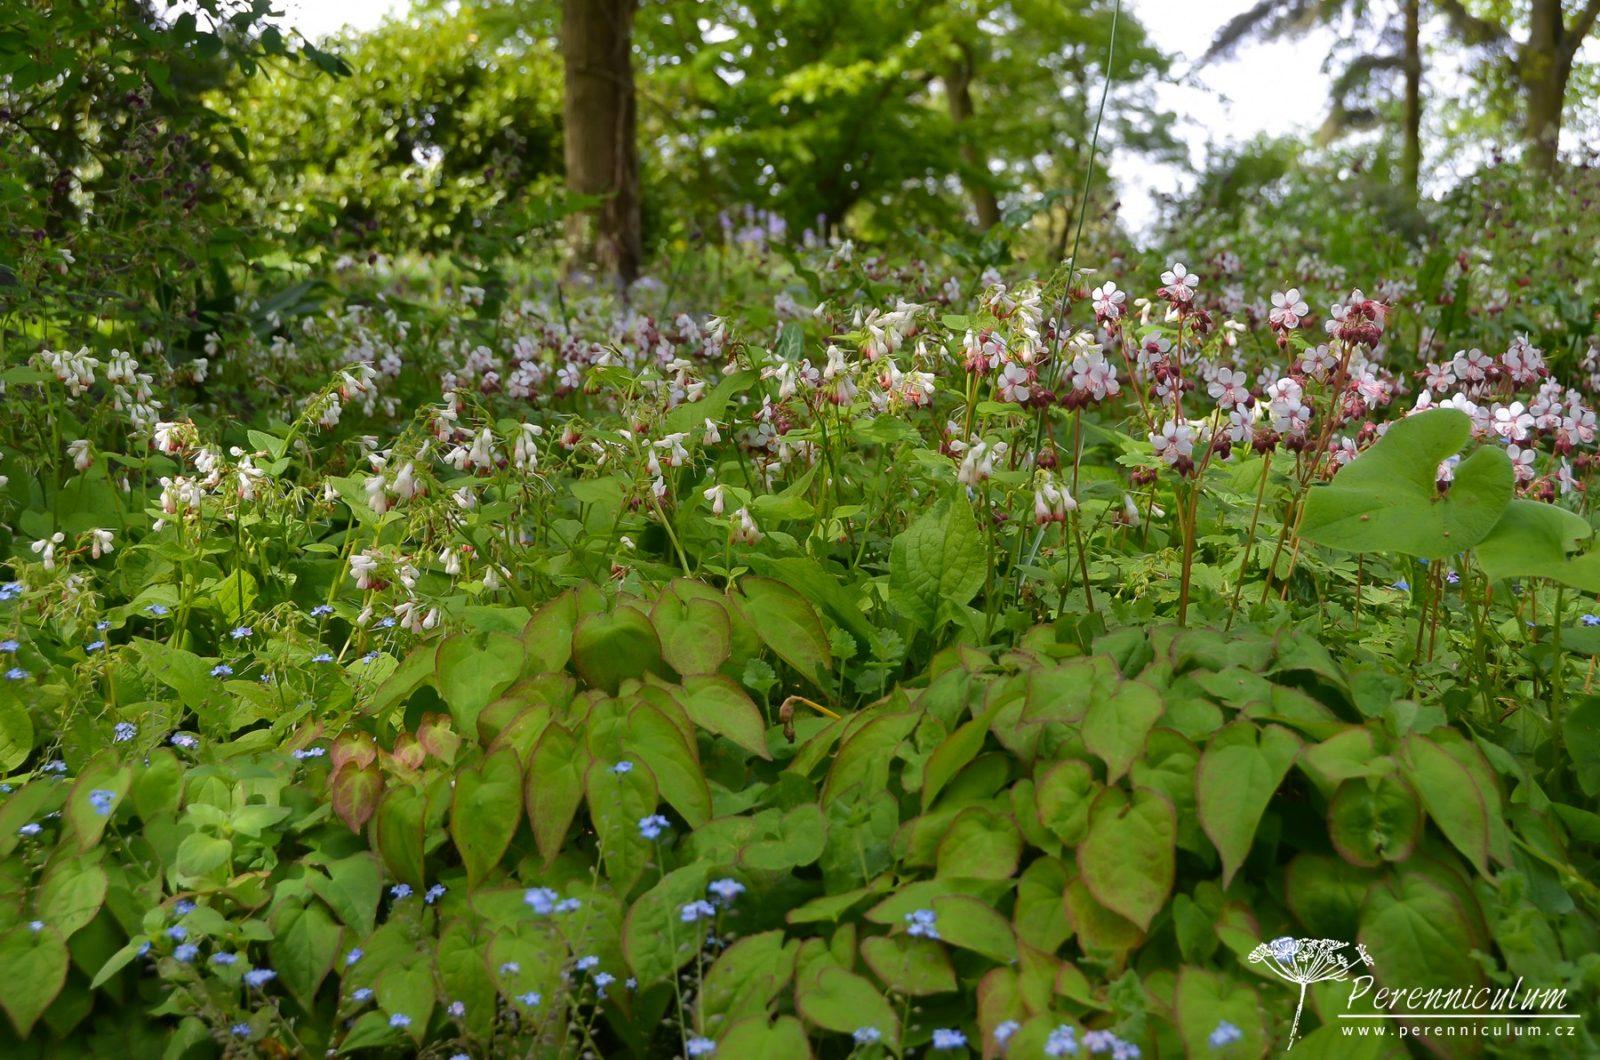 Zdálky to vypadá jako jednotný porost, při bližším prozkoumání zahrnuje spoustu druhů: škornice (Epimedium), kakost (Geranium macrorrhizum) či kostival (Symphytum ibericum).